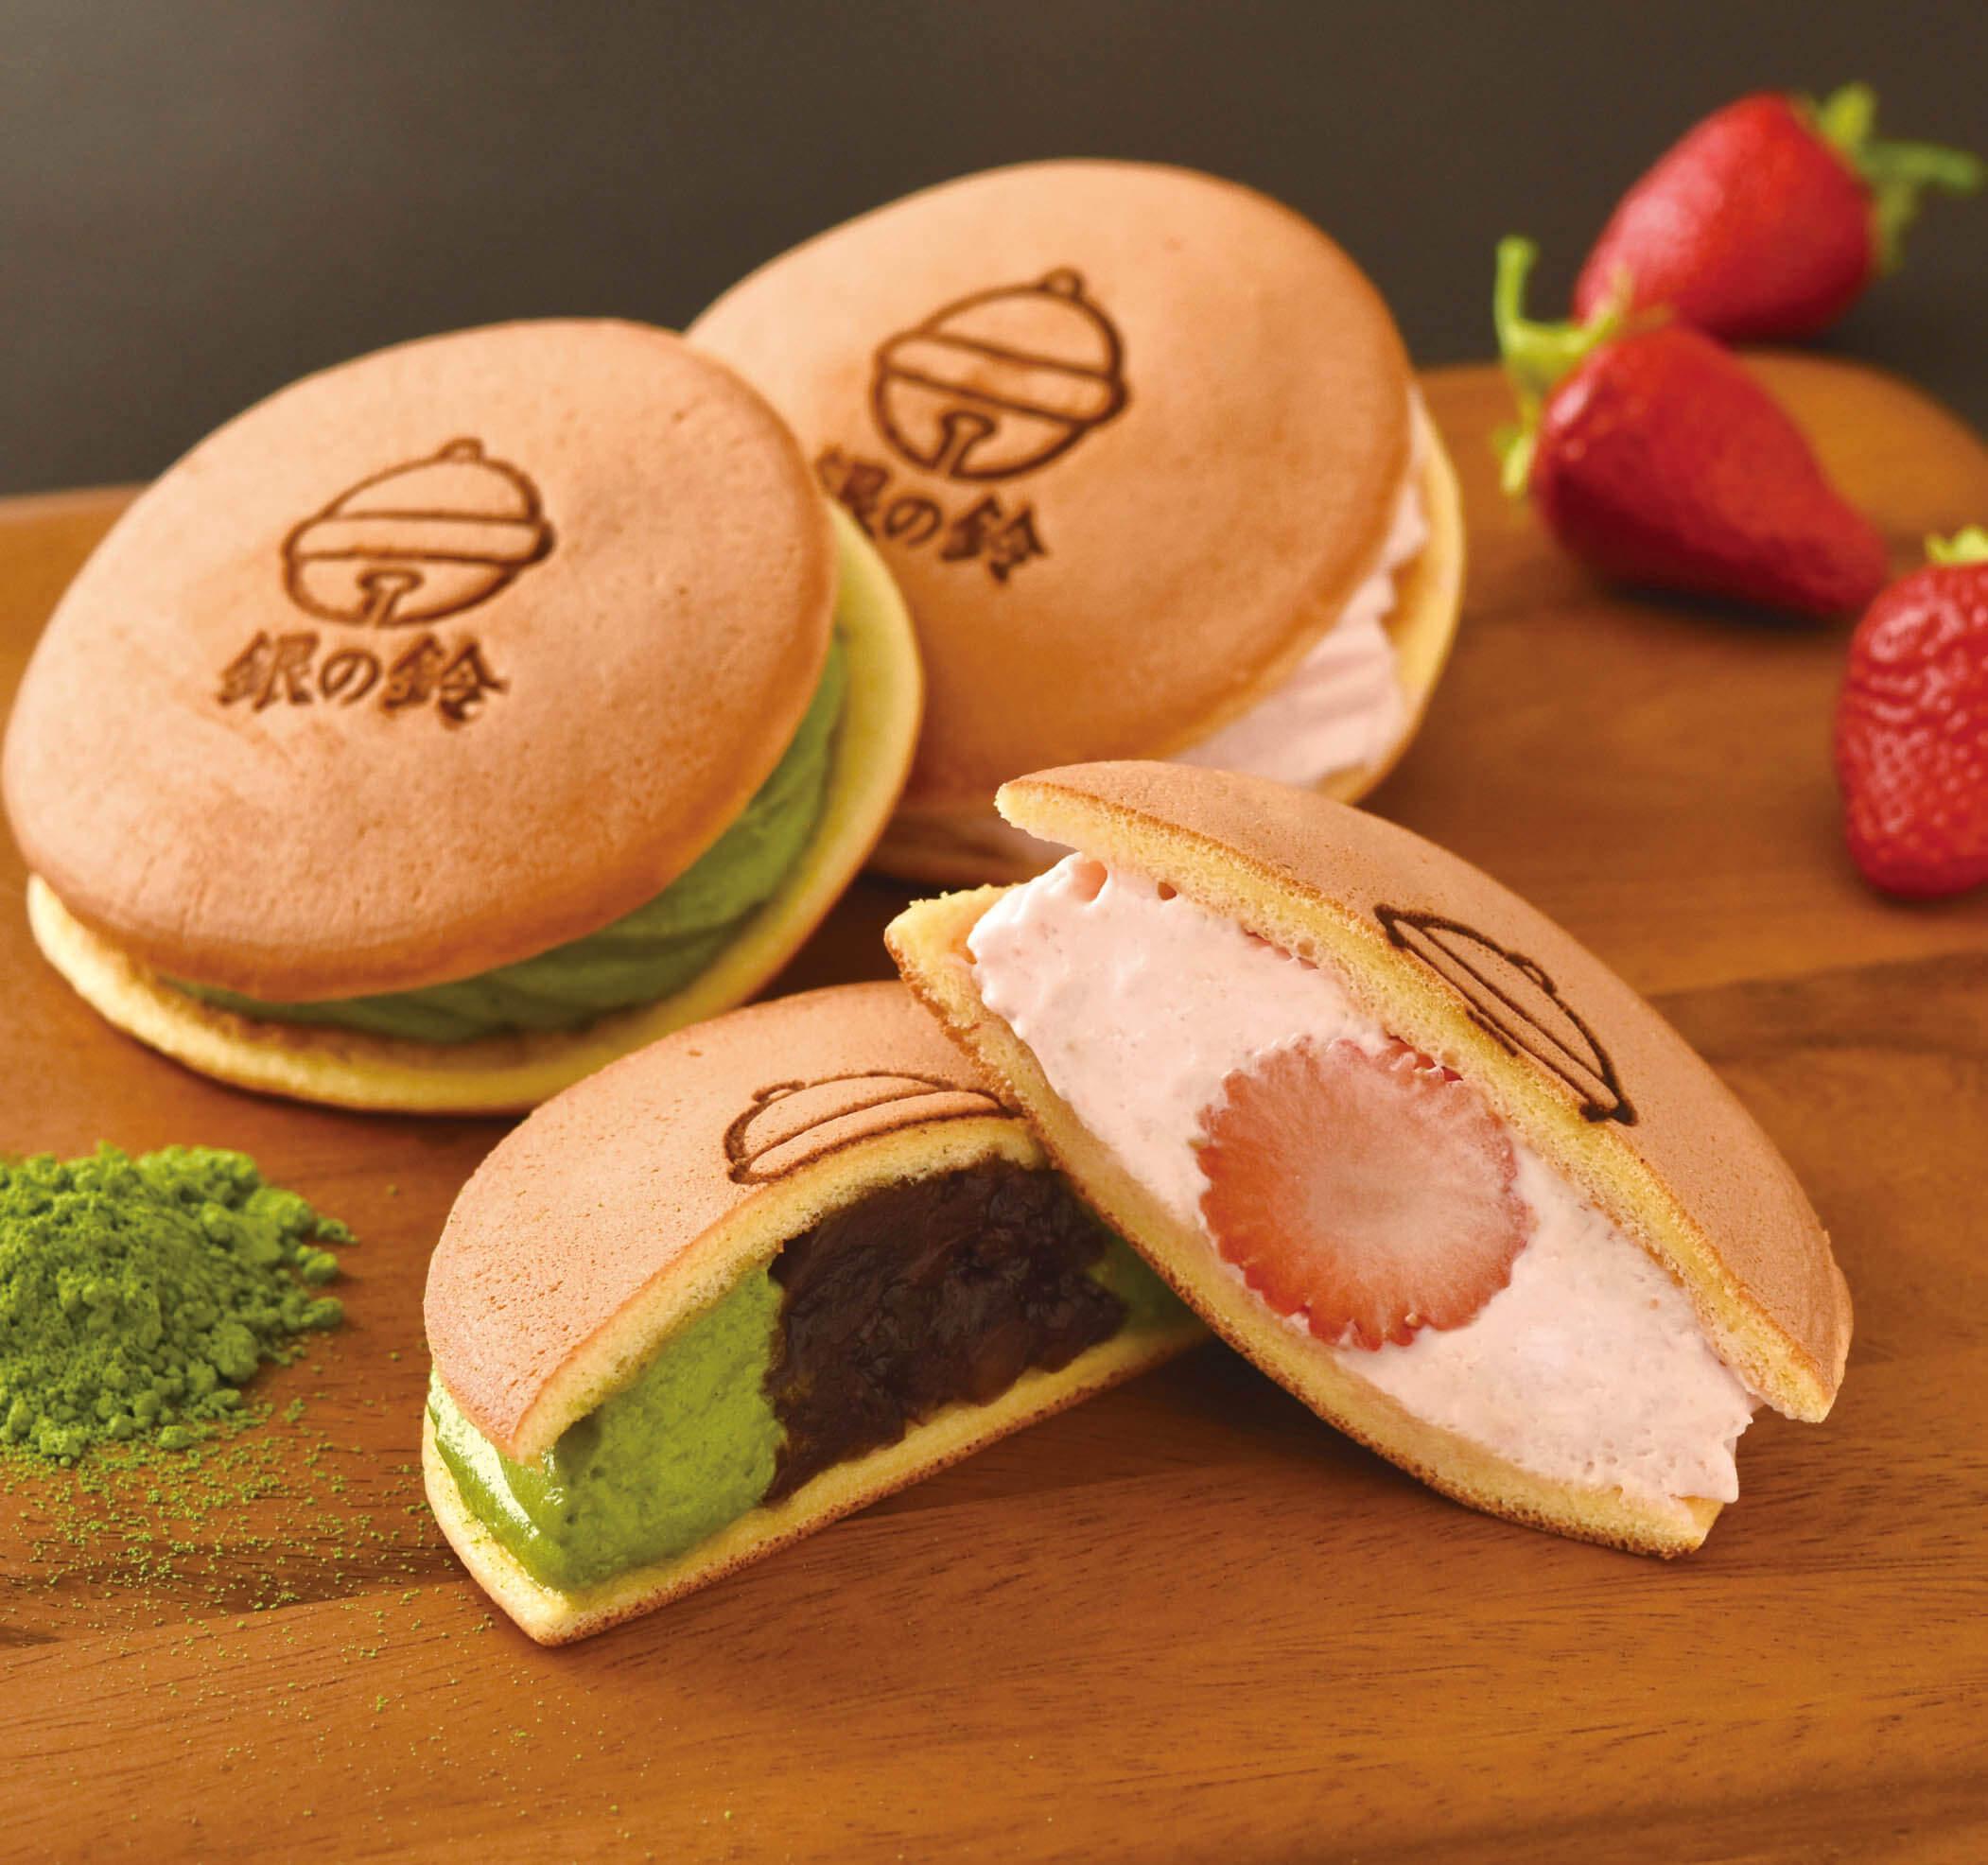 コロンバン_銀の鈴サンドパンケーキ 苺